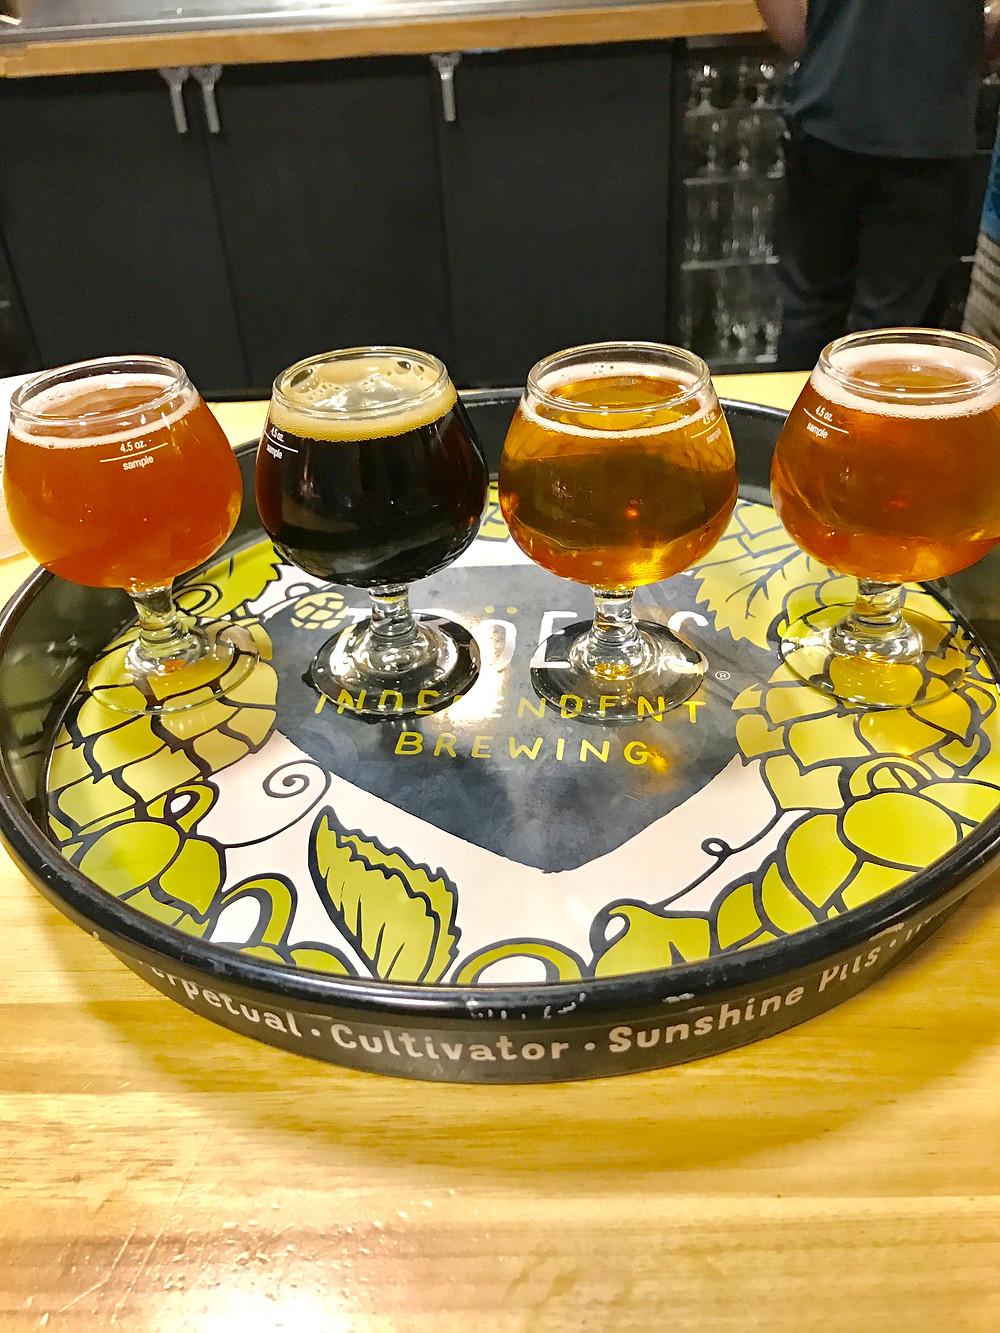 Troegs, brewery, kid friendly dining, Curious G and Me, Hershey restaurants, Hershey brewery, beer flight